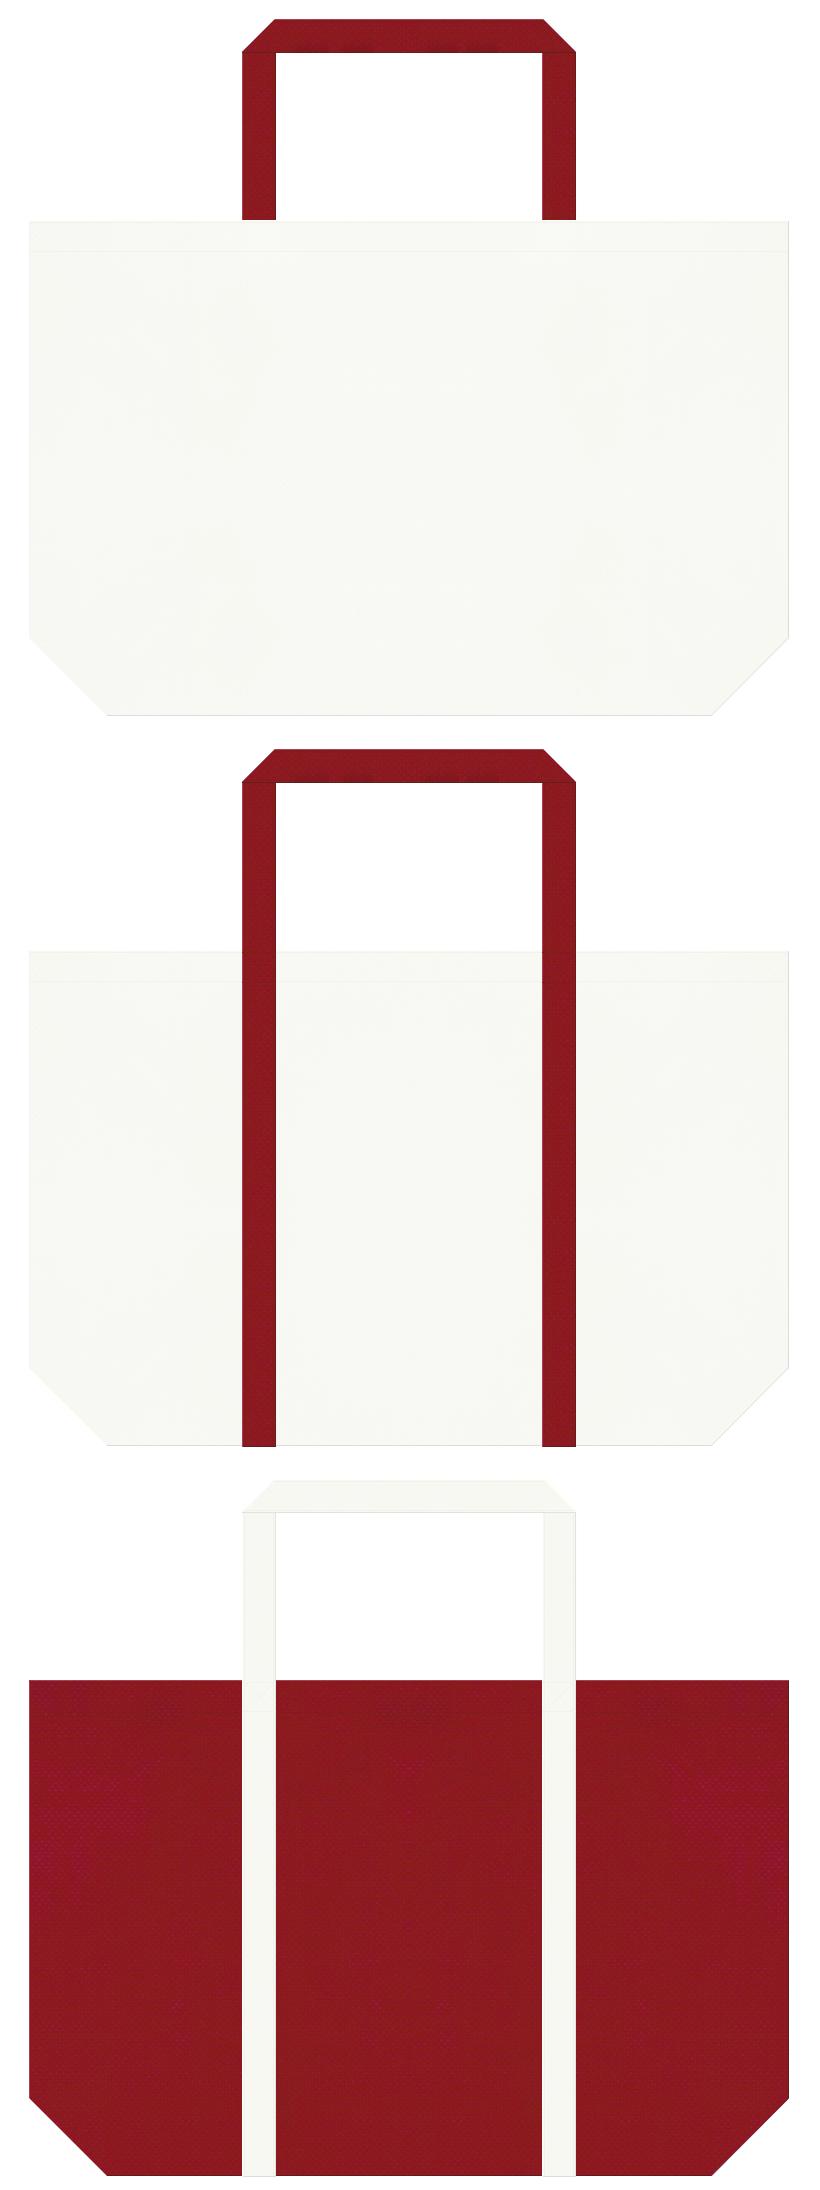 オフホワイト色とエンジ色の不織布バッグデザイン:和装・和雑貨にお奨めの配色です。